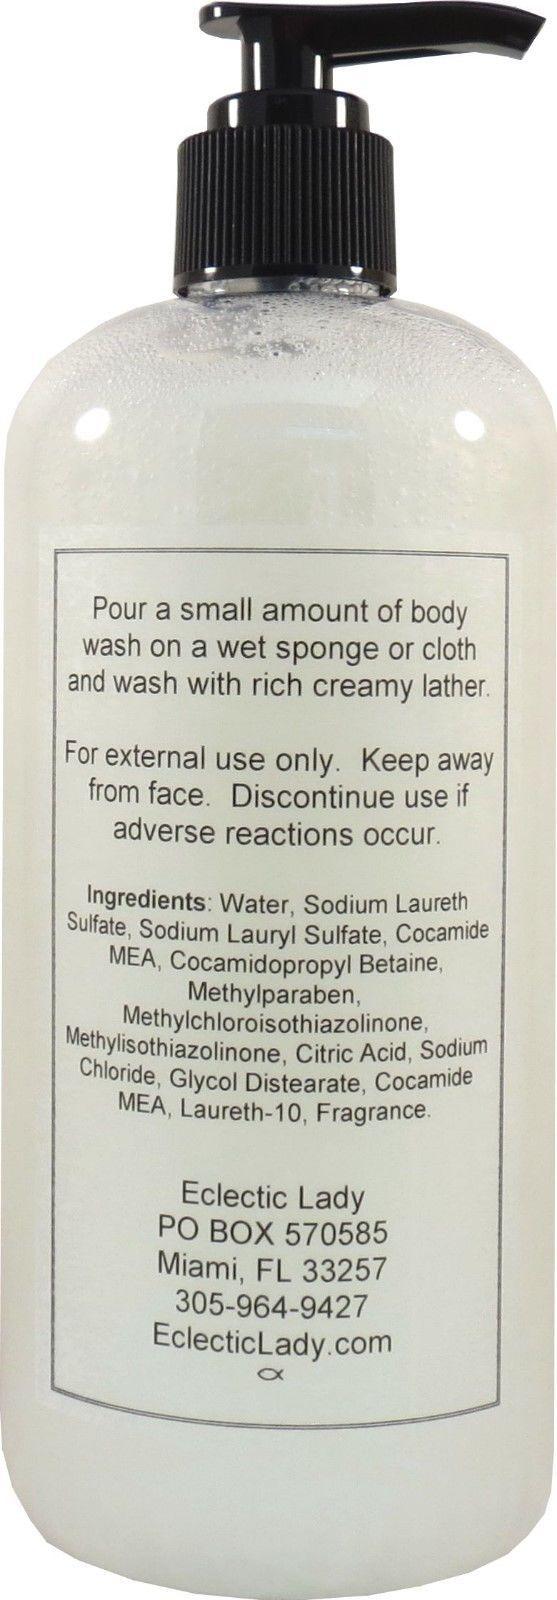 Gardenia Body Wash